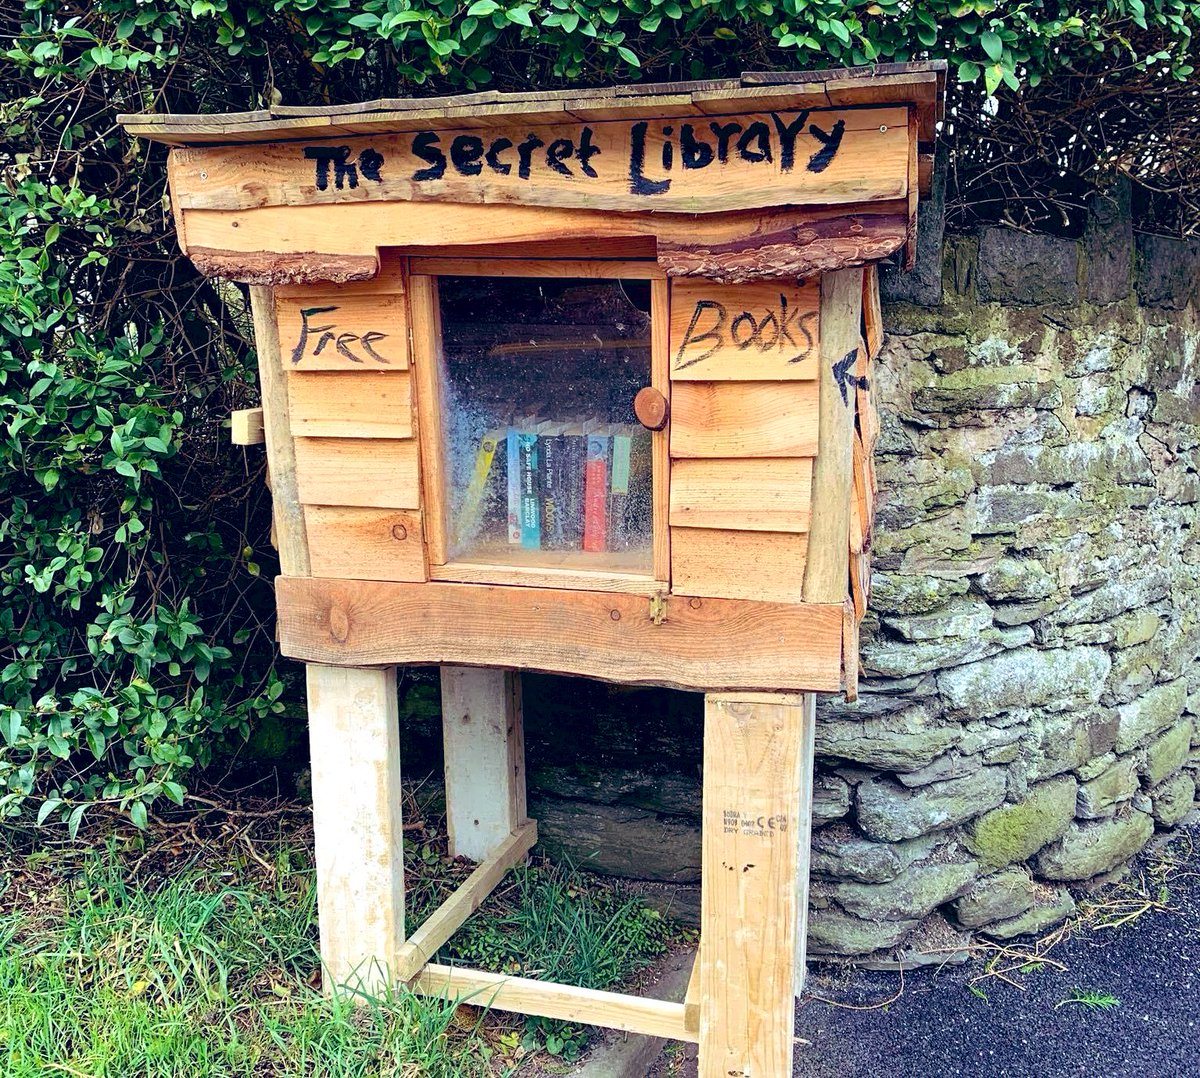 Η μυστική βιβλιοθήκη της Clare Mackintosh Τα τελευταία δύο χρόνια έχει δημιουργήσει στην άκρη του δρόμου του σπιτιού της μια μικρή βιβλιοθήκη από όπου ο καθένας μπορεί να πάρει όποιο βιβλίο θέλει δωρεάν.  #metaixmio #tavivliatiszoismas #claremackintosh https://t.co/iz1ZKue2Tg